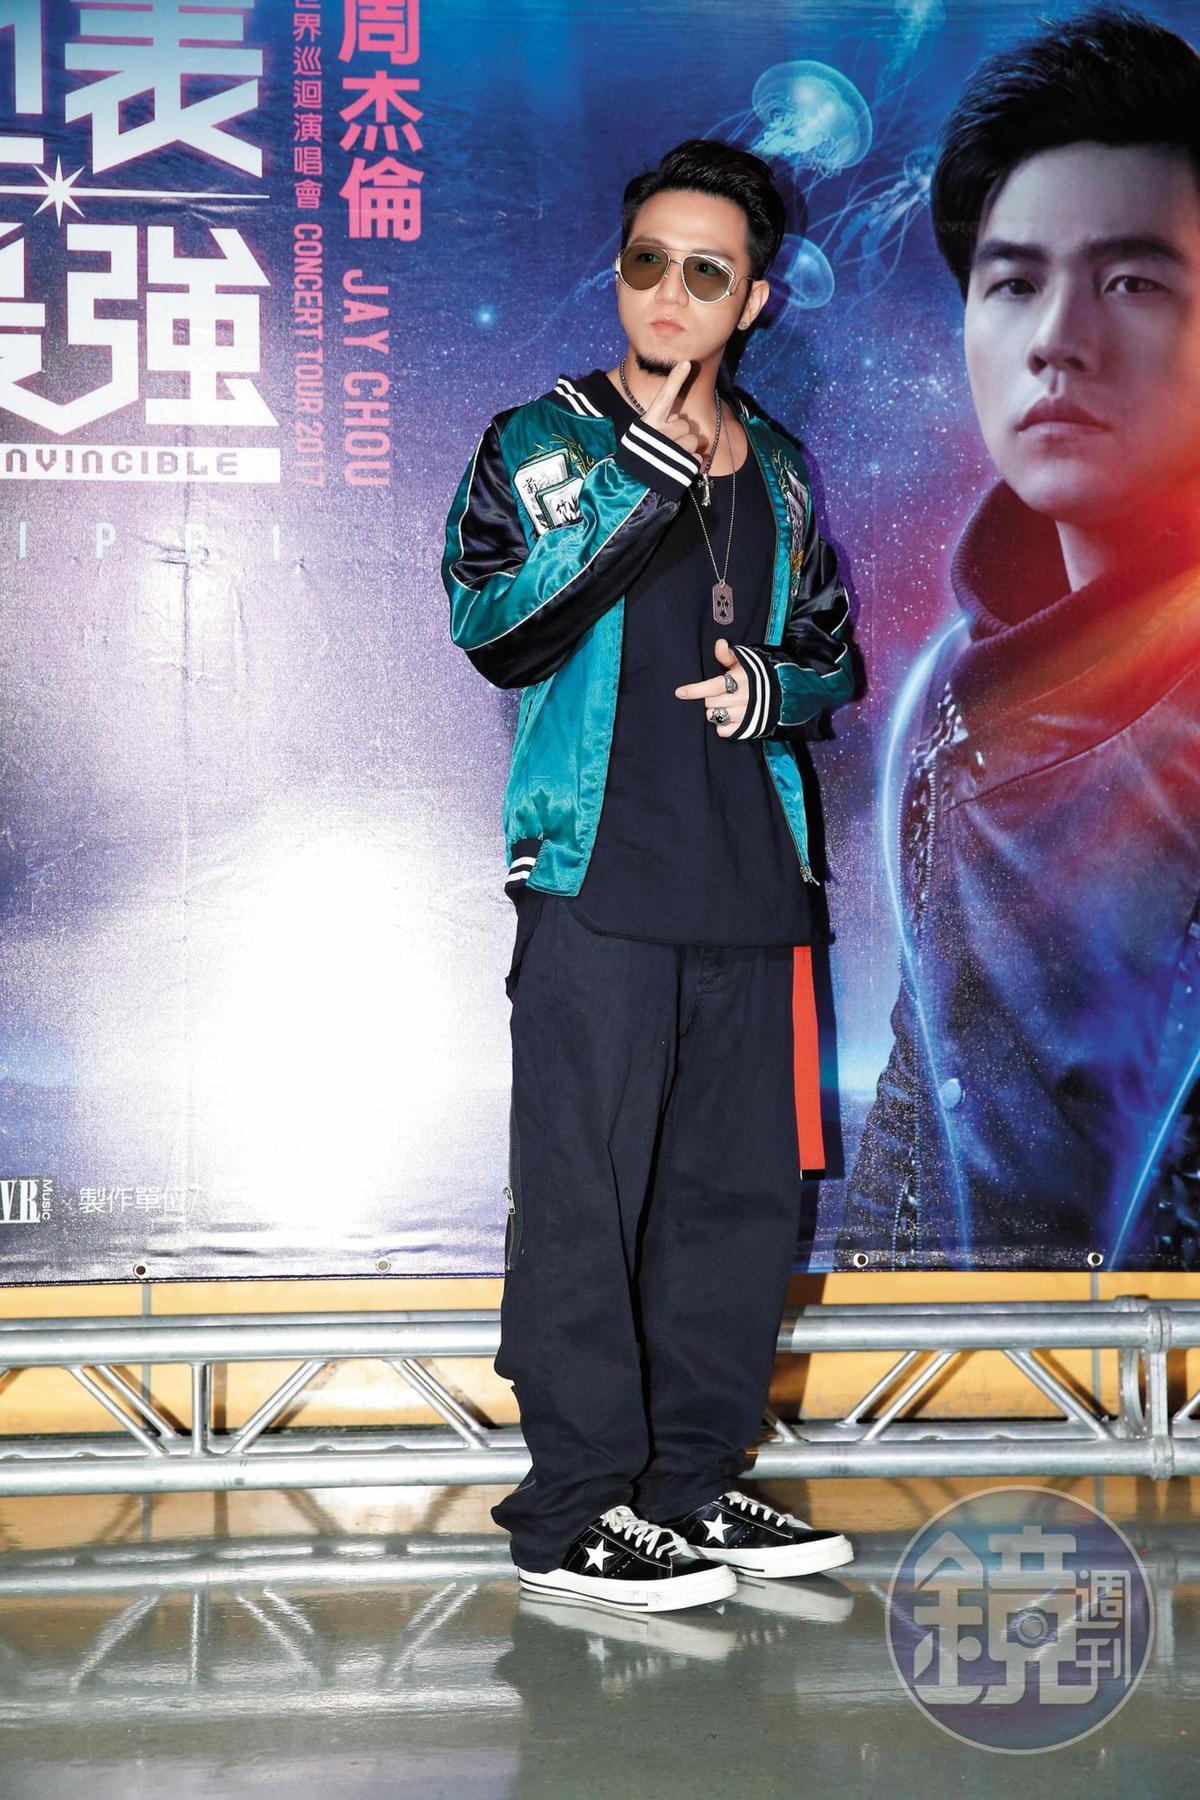 大飛因為參加《超級模王大道》節目模仿黃渤出名,雖是綜藝咖,仍很有唱歌夢,去年還發行過單曲。